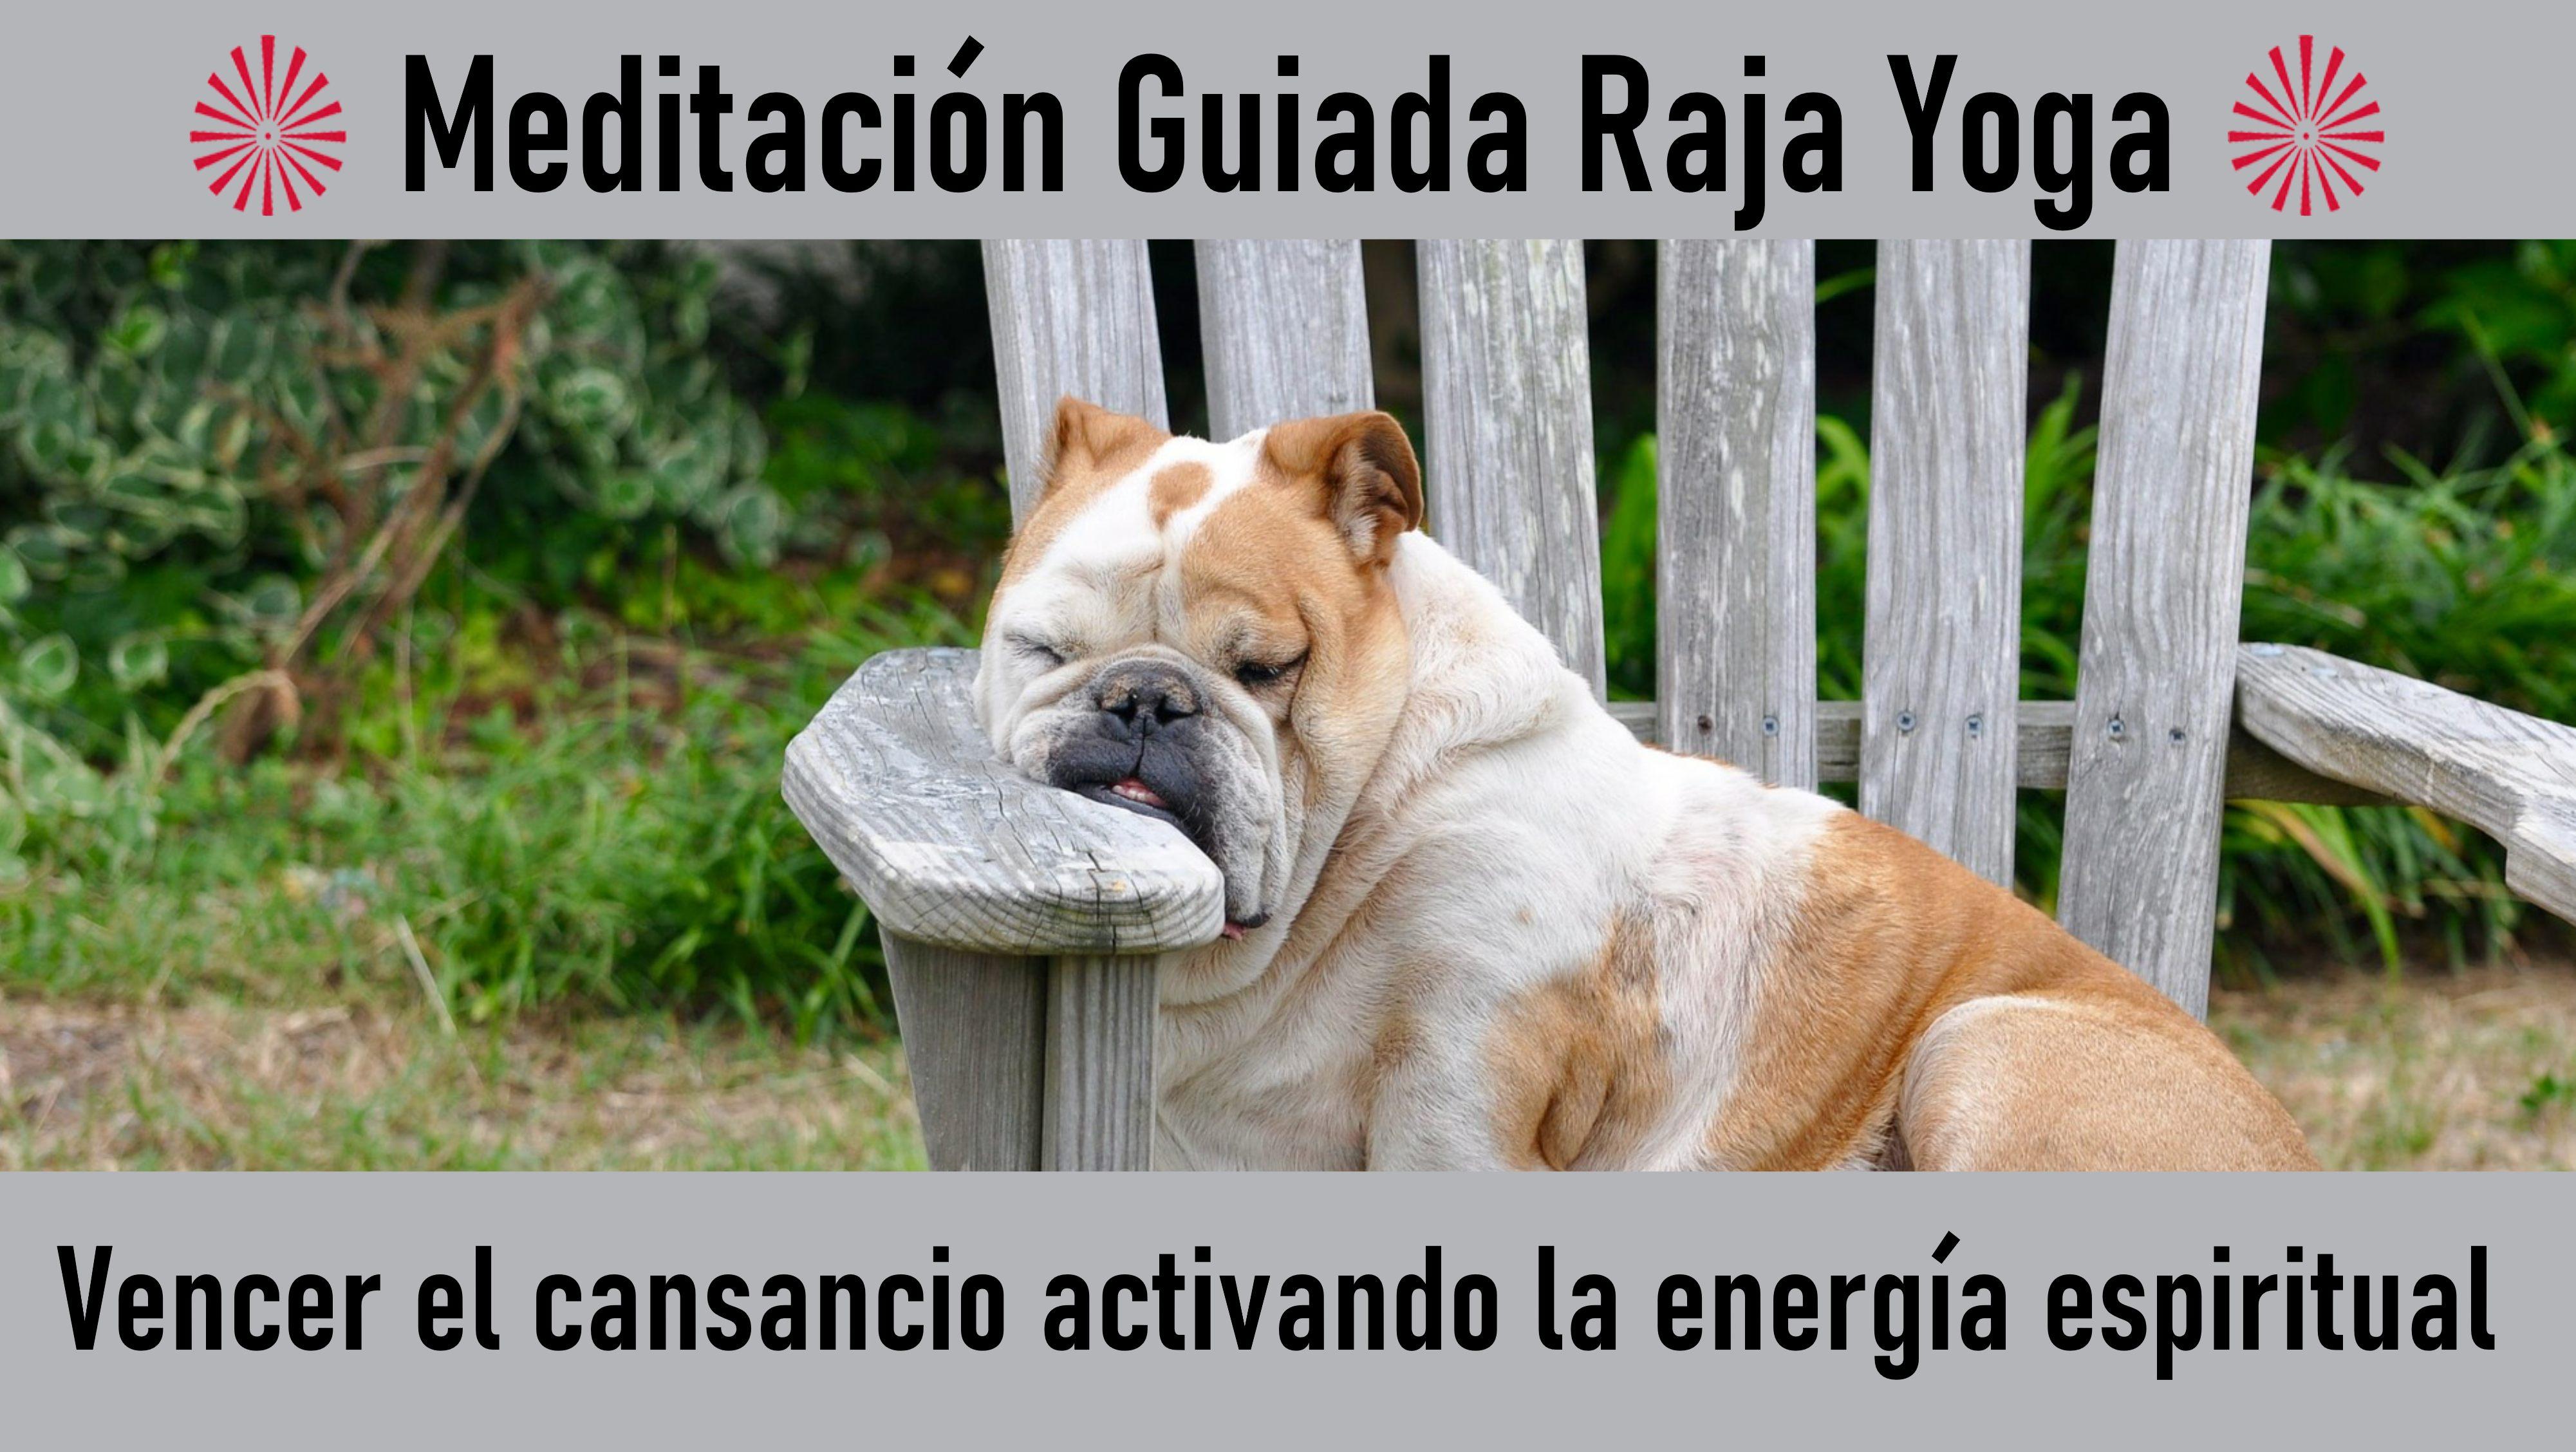 16 Julio 2020 Meditación guiada: Vencer el cansancio activando la energía espiritual